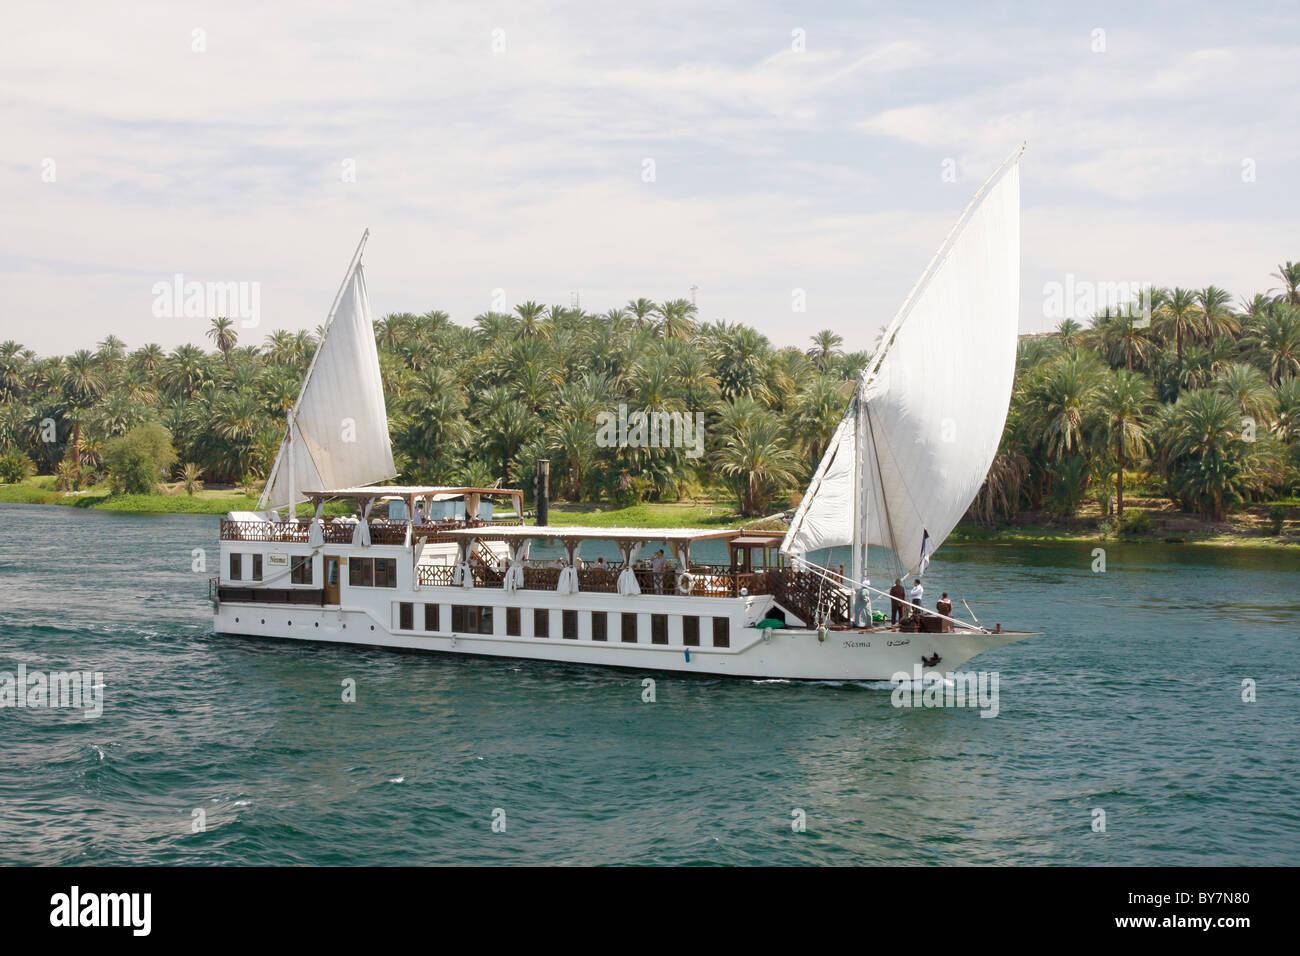 A tourist Dahabiya on the Nile, Egypt. Stock Photo